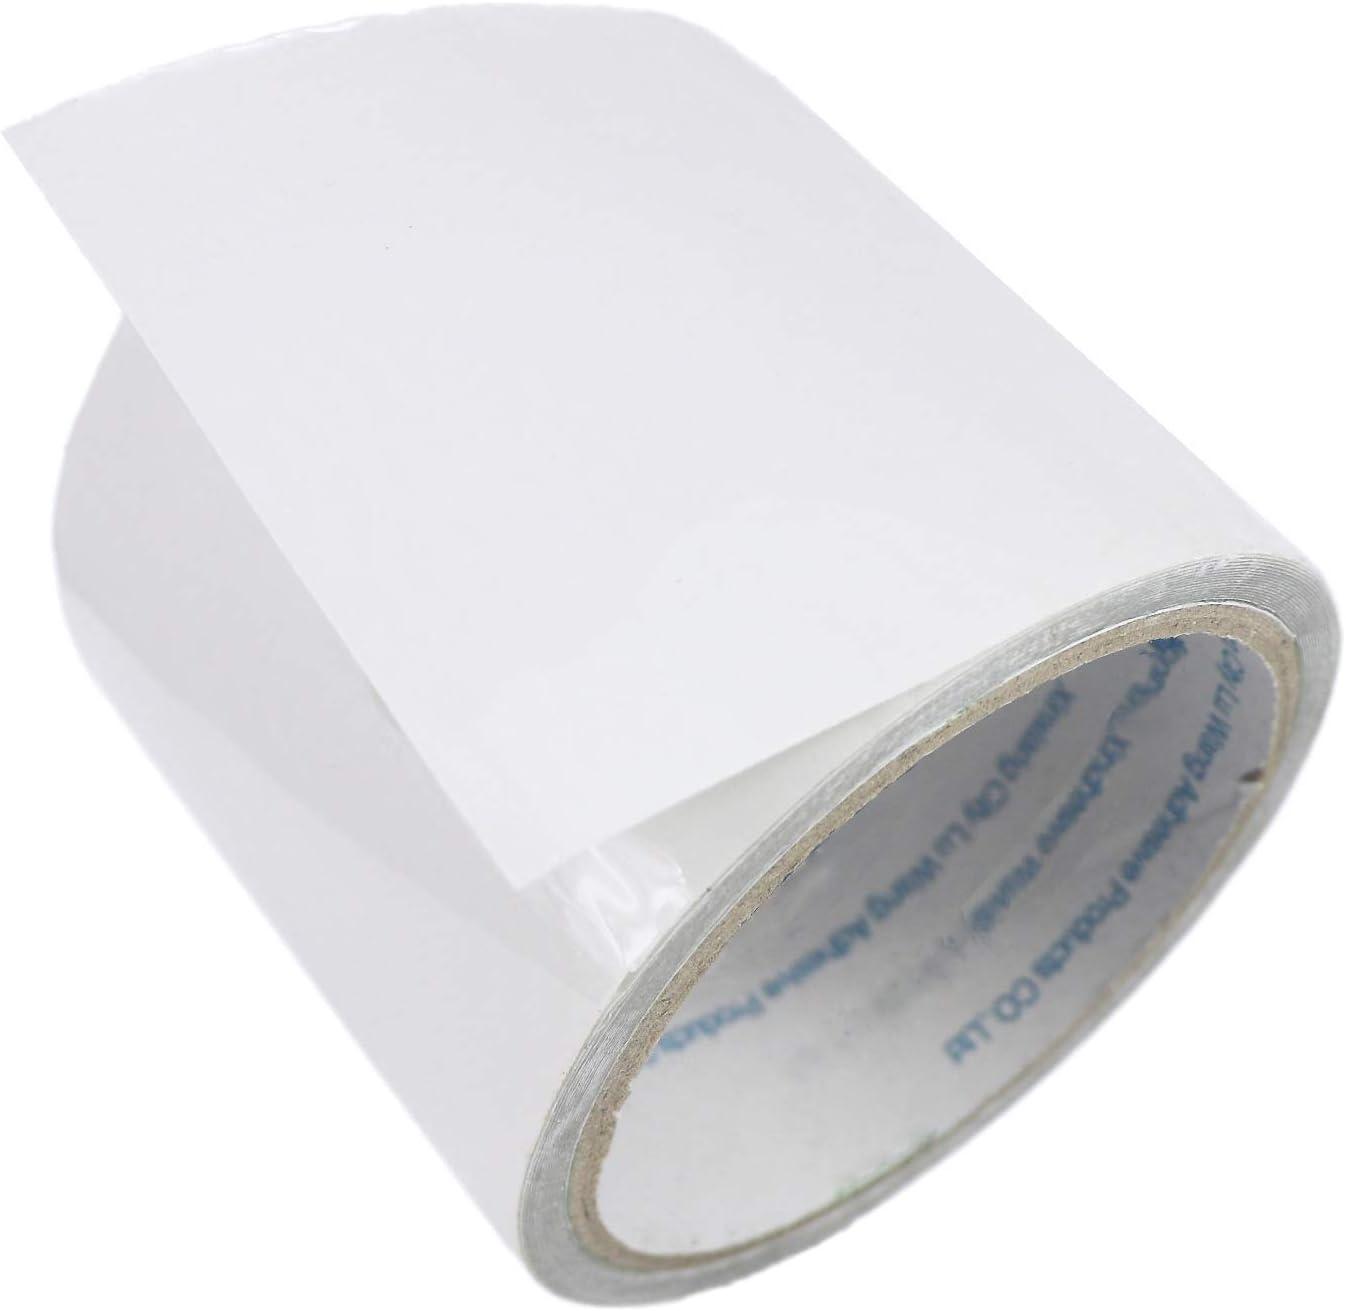 LANUCN Cinta de Reparación de Carpa Cinta Adhesiva Transparente Resistente de 5 m para Carpas/Toldos/Glorietas/Paños Recubiertos de PVC